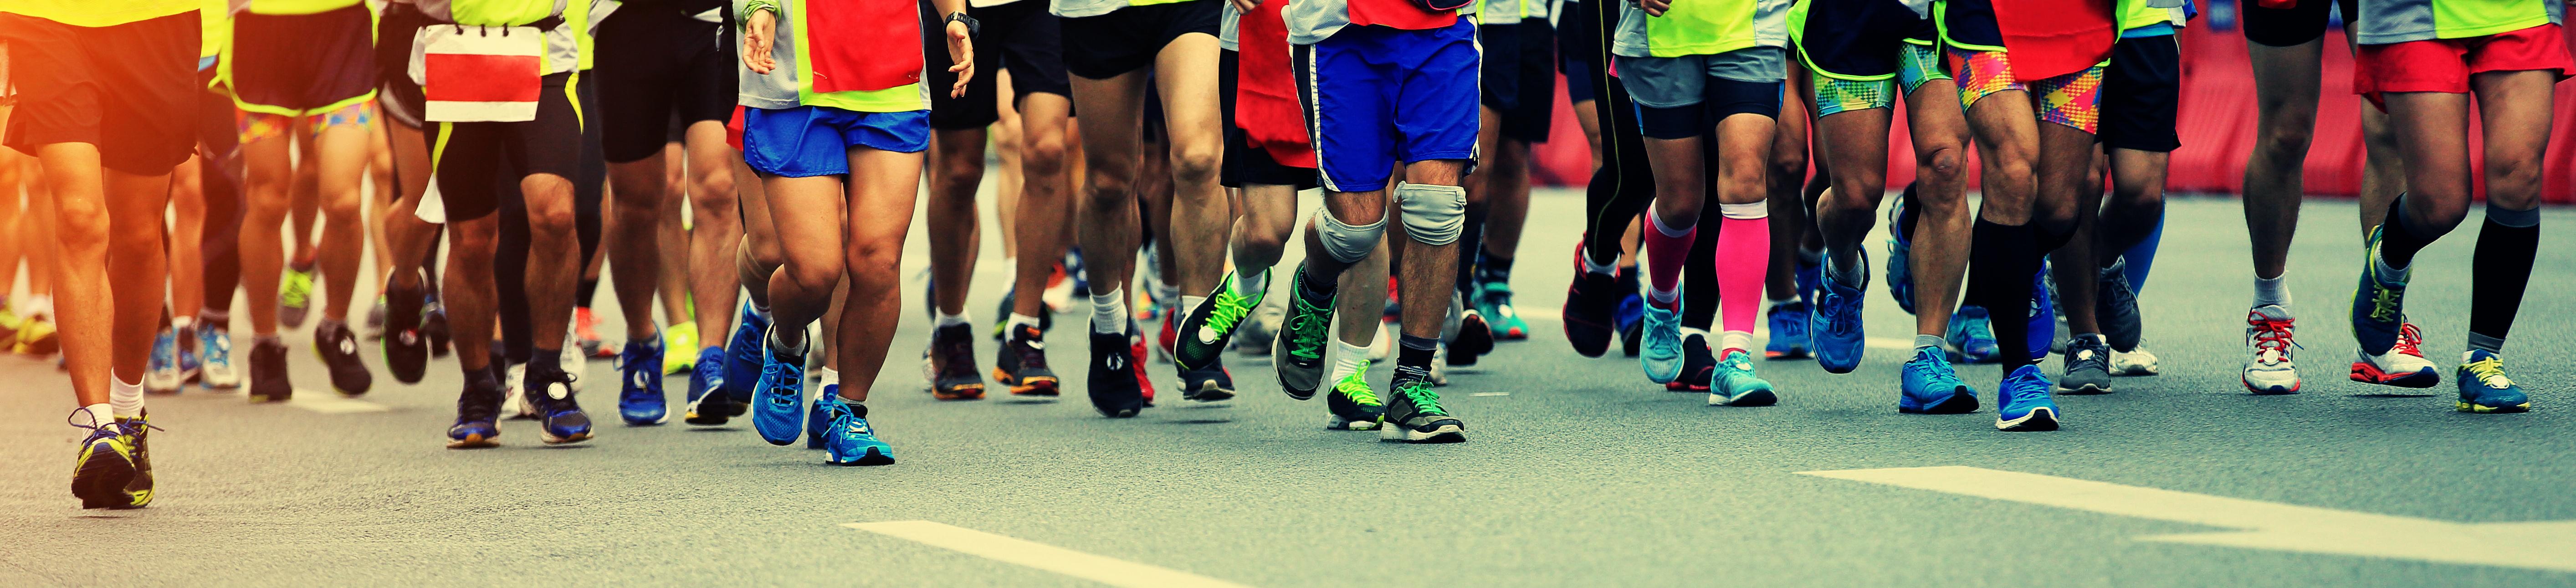 runners feet.png